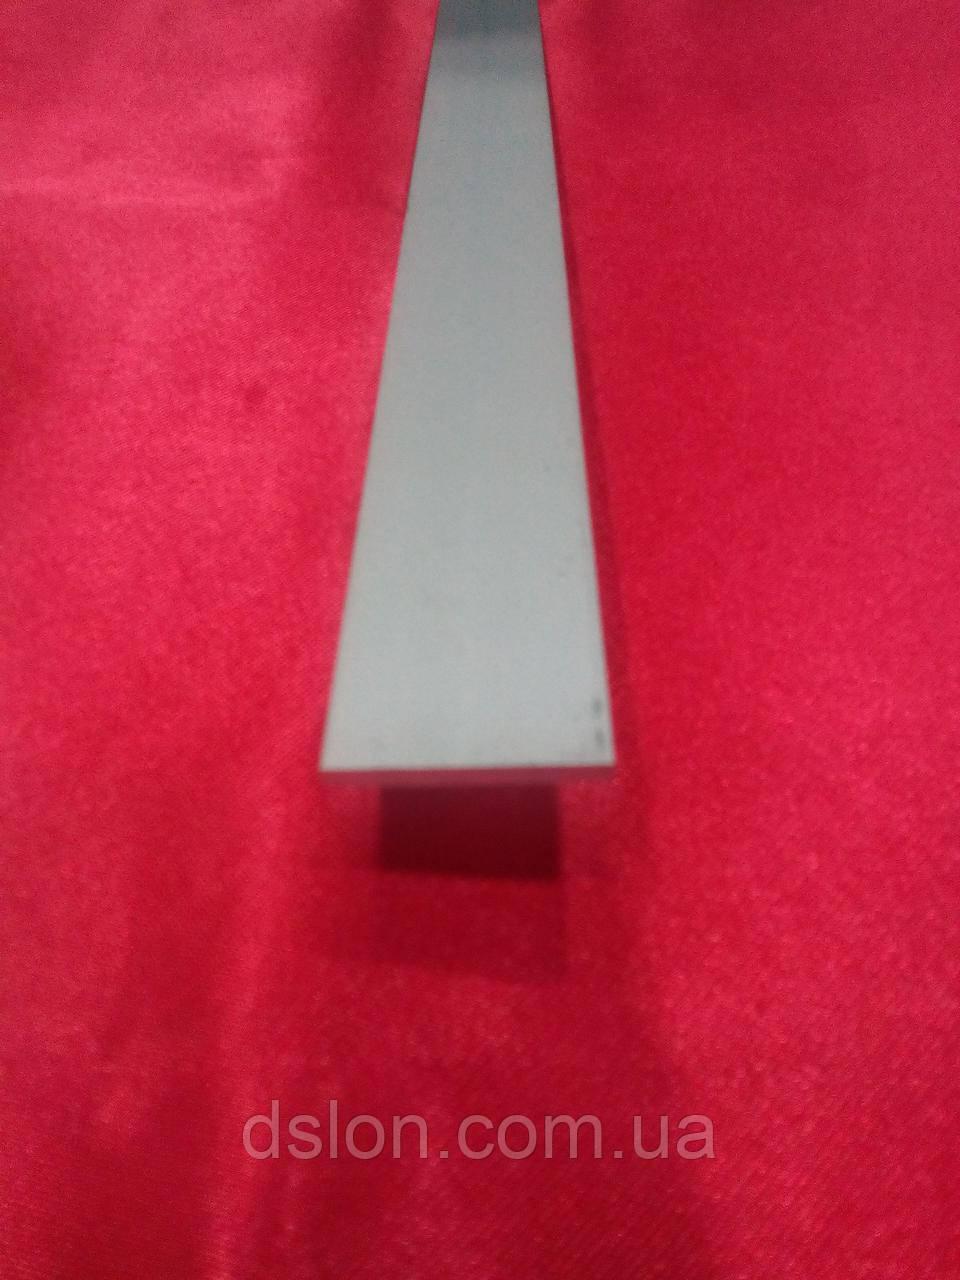 Полоса алюминиевая анодированная  25*3 мм.